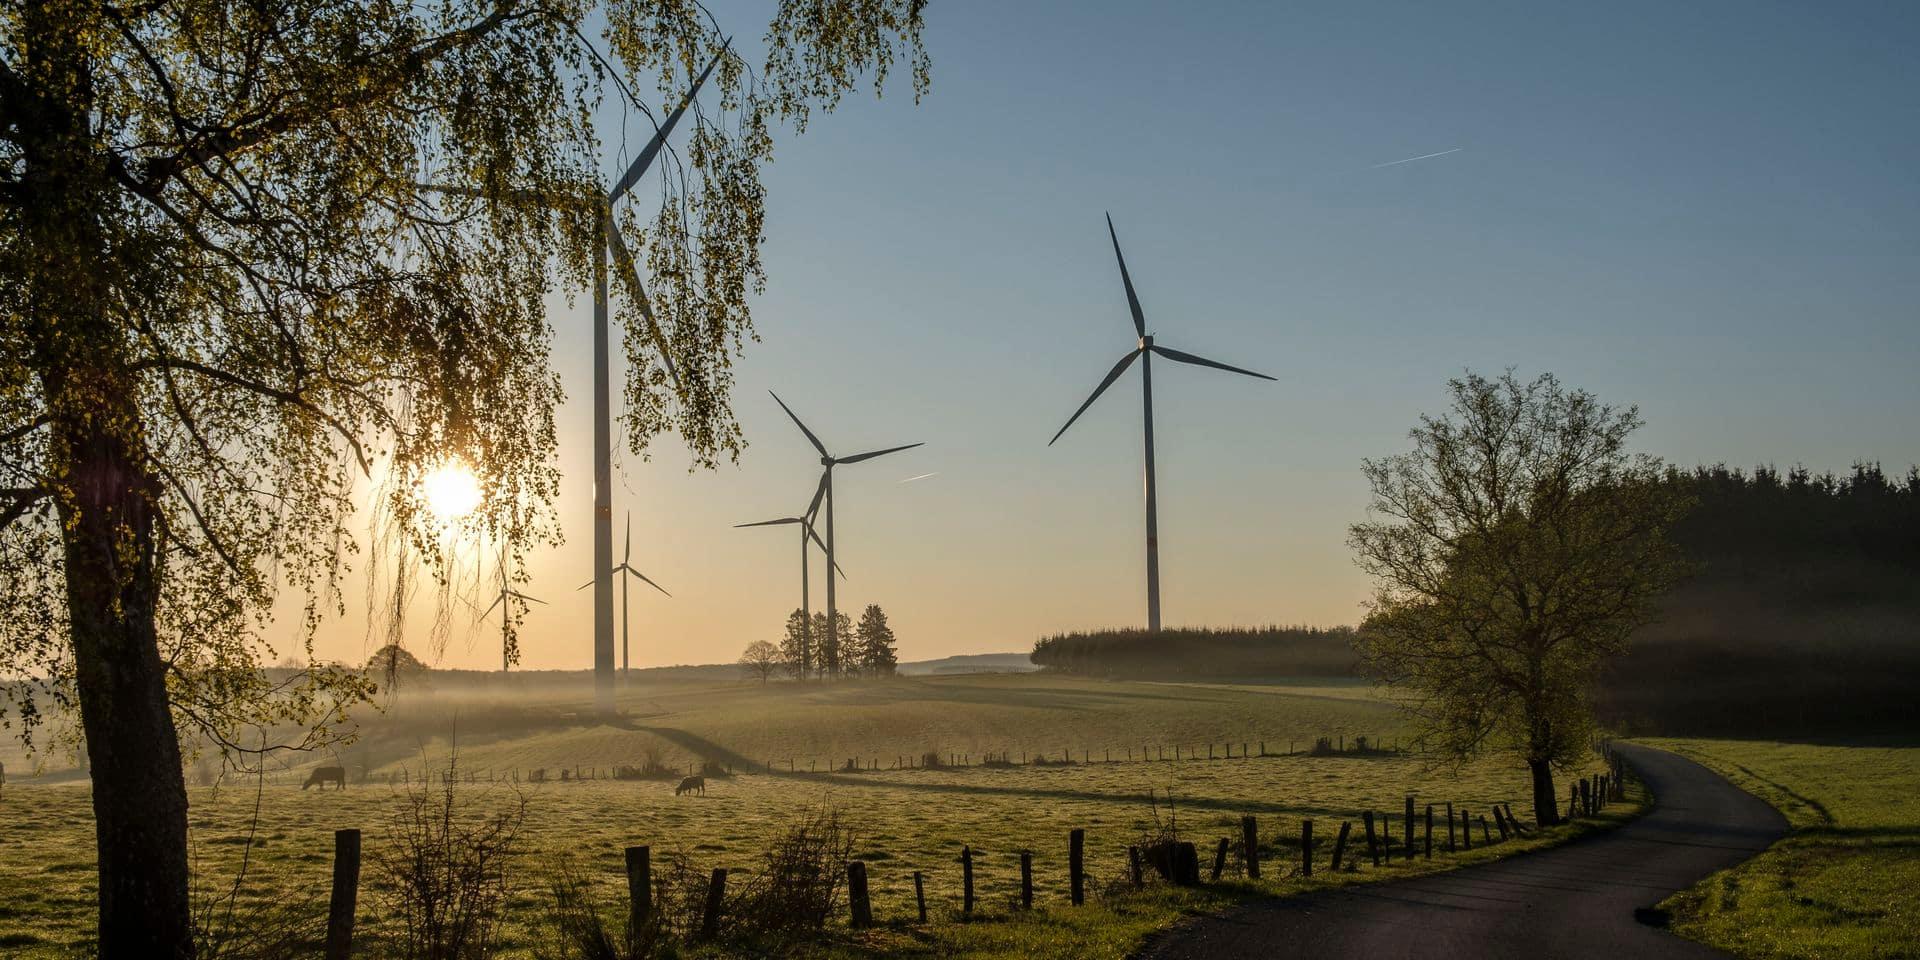 Appel à témoignages : la Wallonie doit-elle arrêter de soutenir l'installation d'éoliennes ?